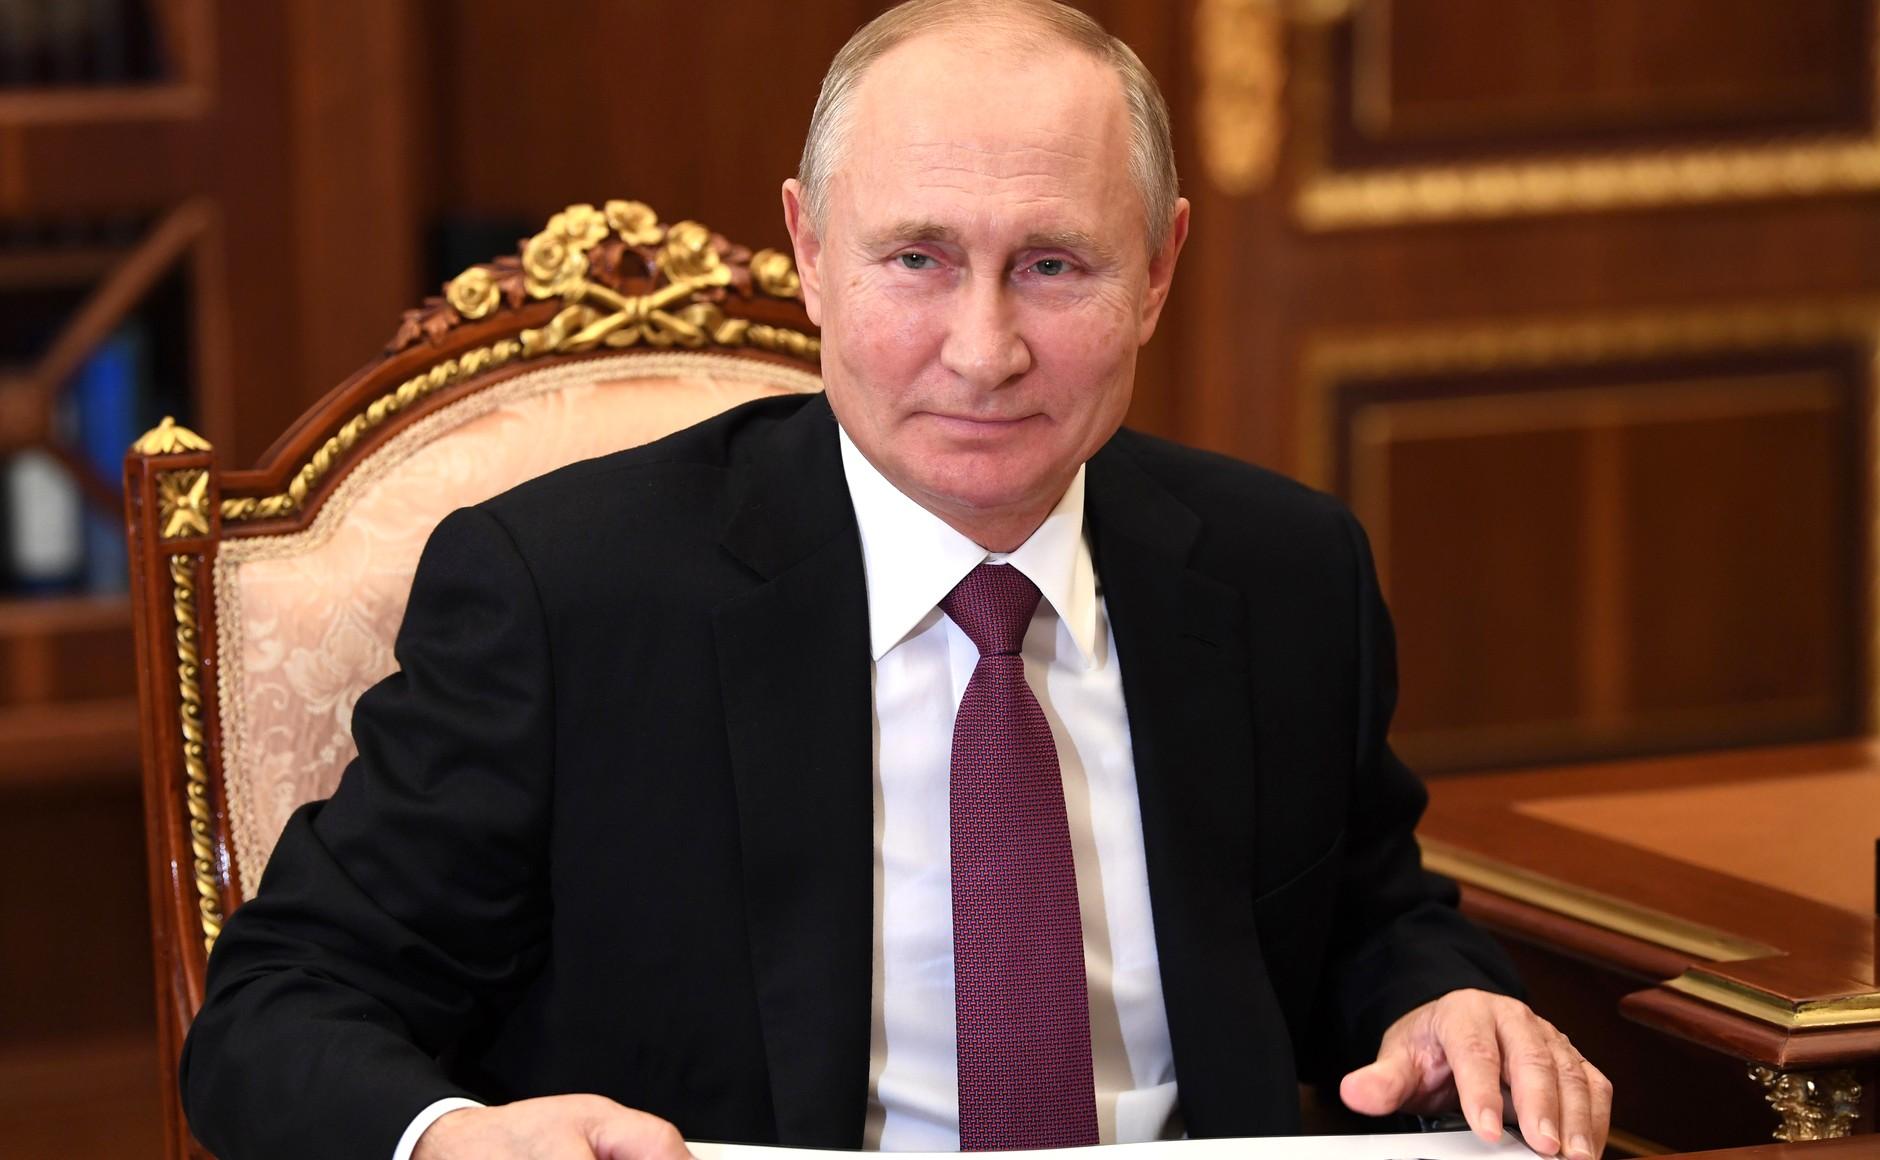 KREMLIN PH 2 SUR 3 DU 07.12.2020 Rencontre avec la ministre de la Culture Olga Lyubimova